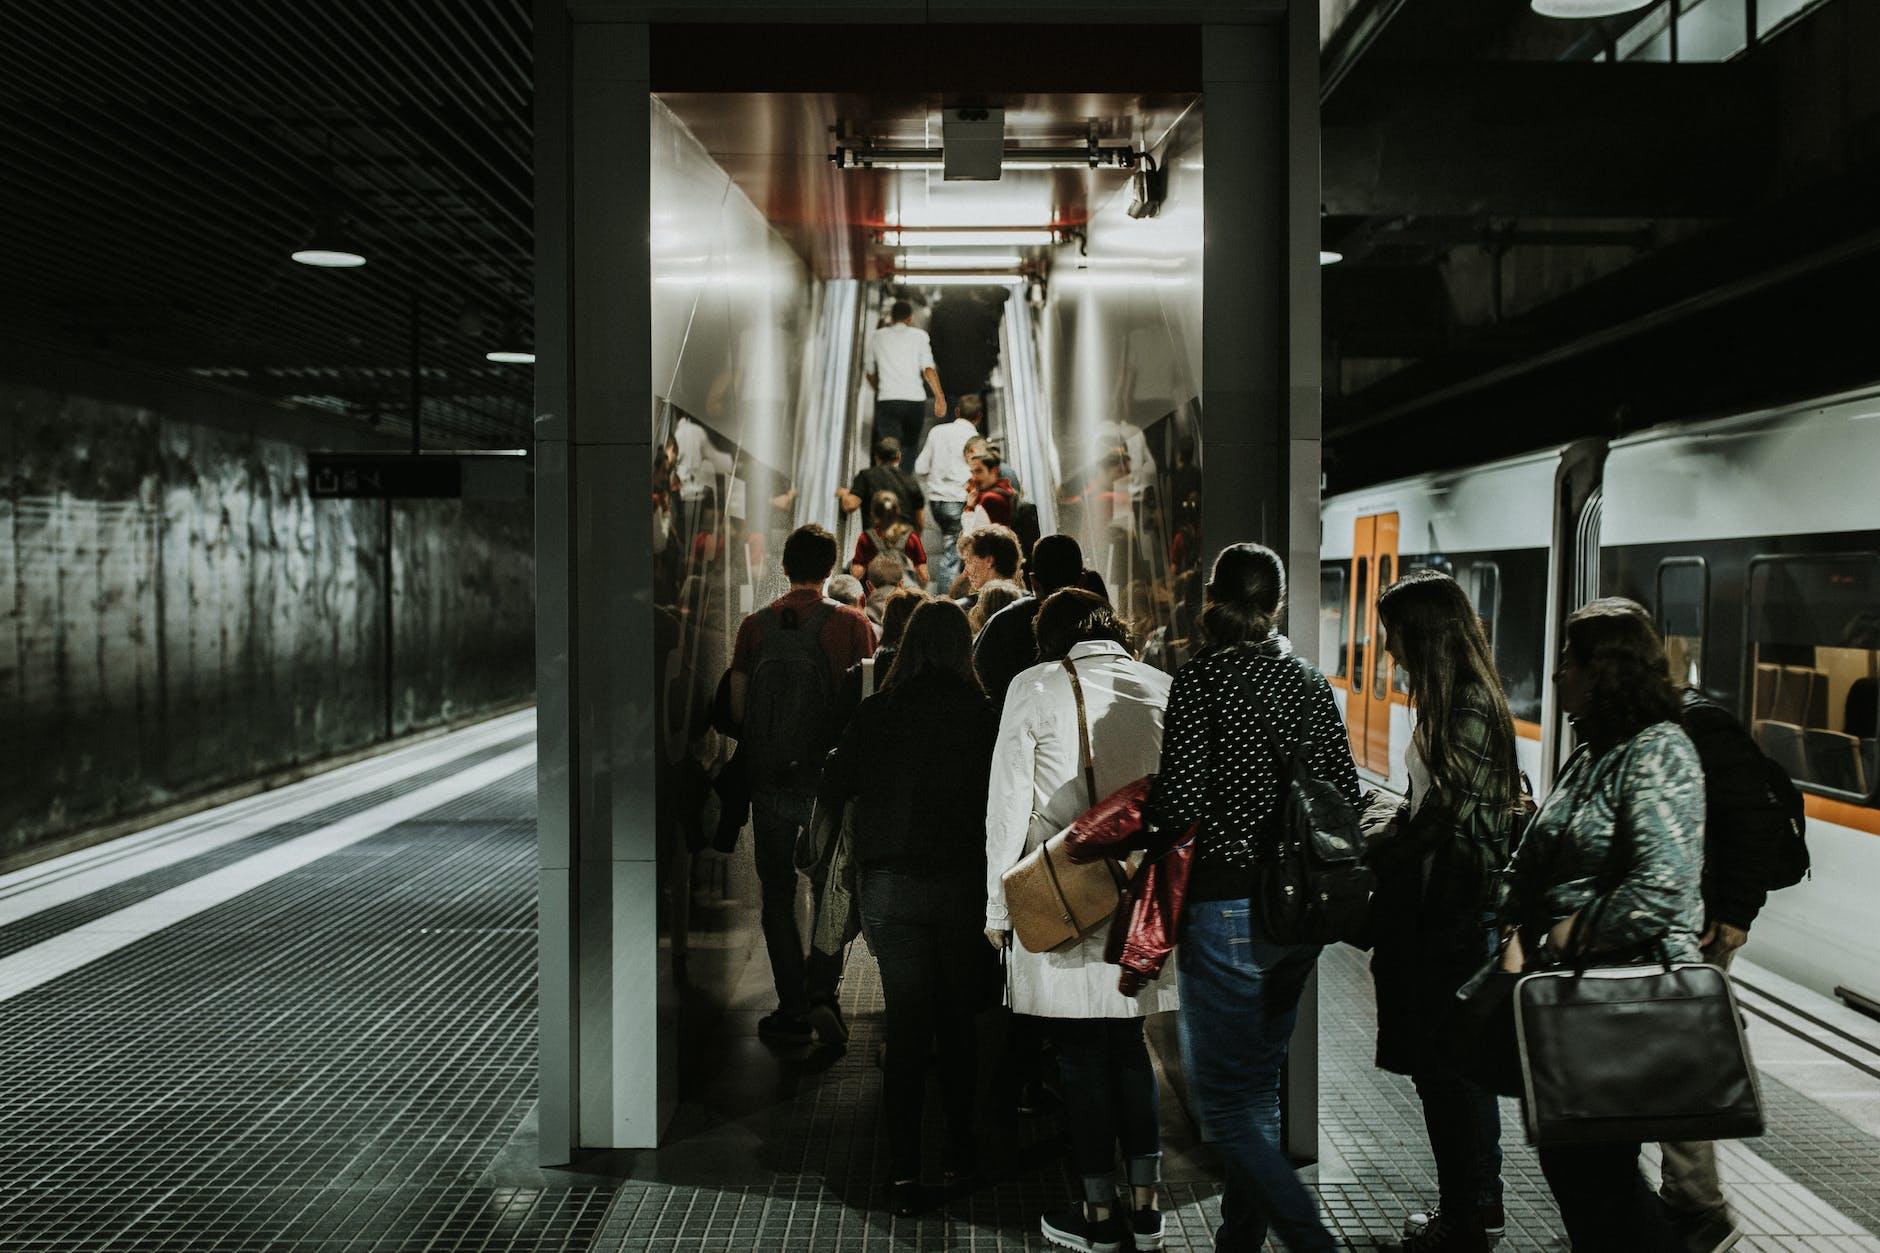 Gente haciendo fila al salir del tren